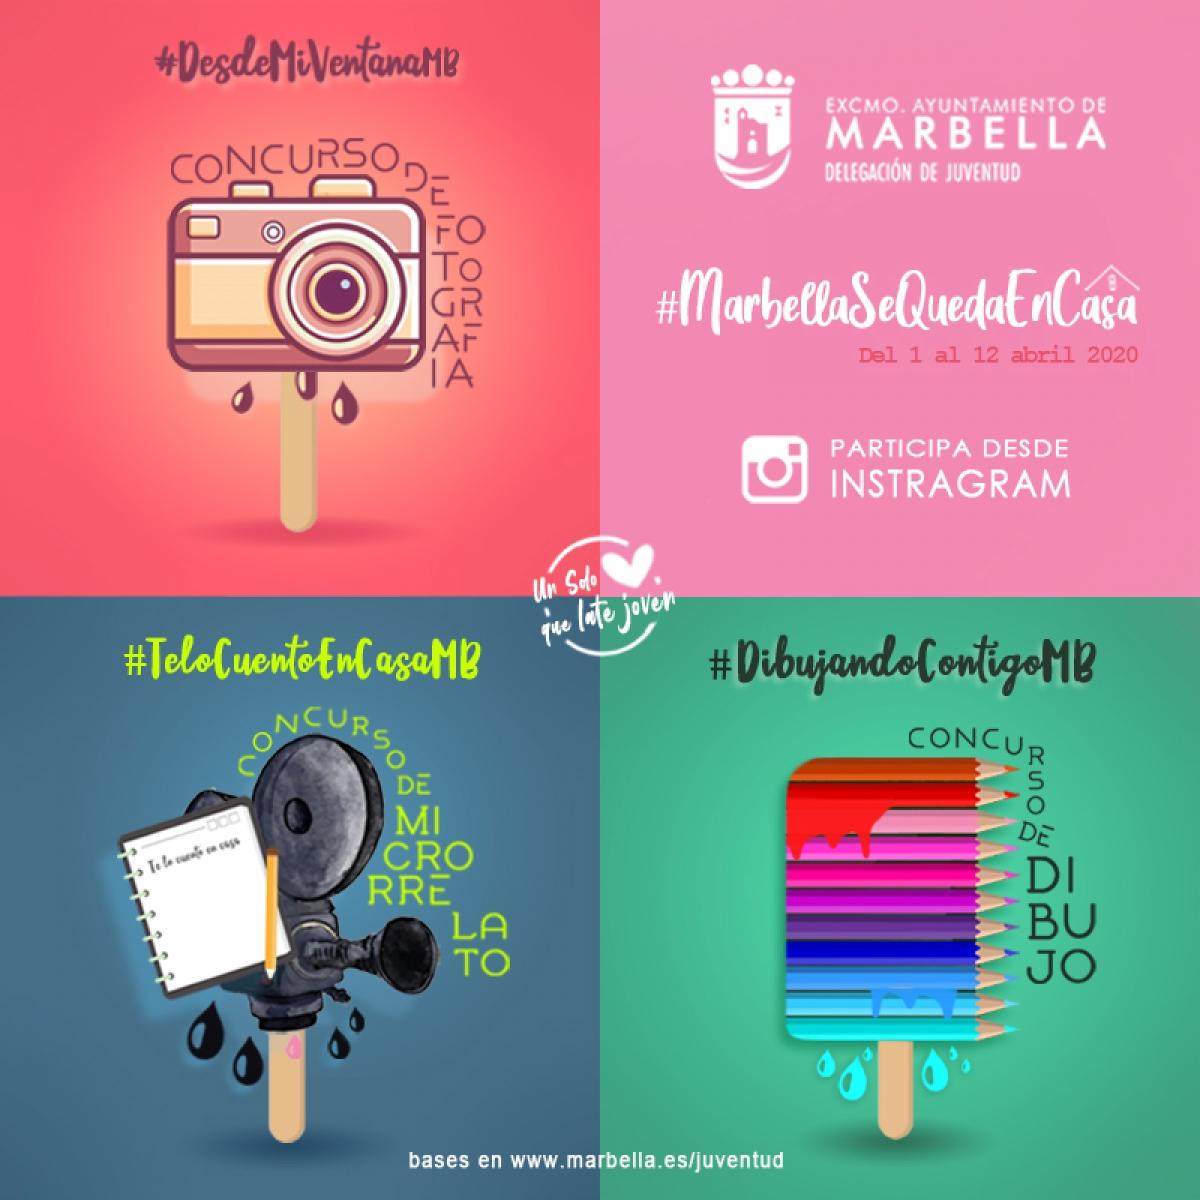 La concejalía de Juventud pone en marcha los concursos creativos 'Marbella se queda en casa' que premiarán las mejores fotografías, microrelatos y dibujos de la ciudadanía